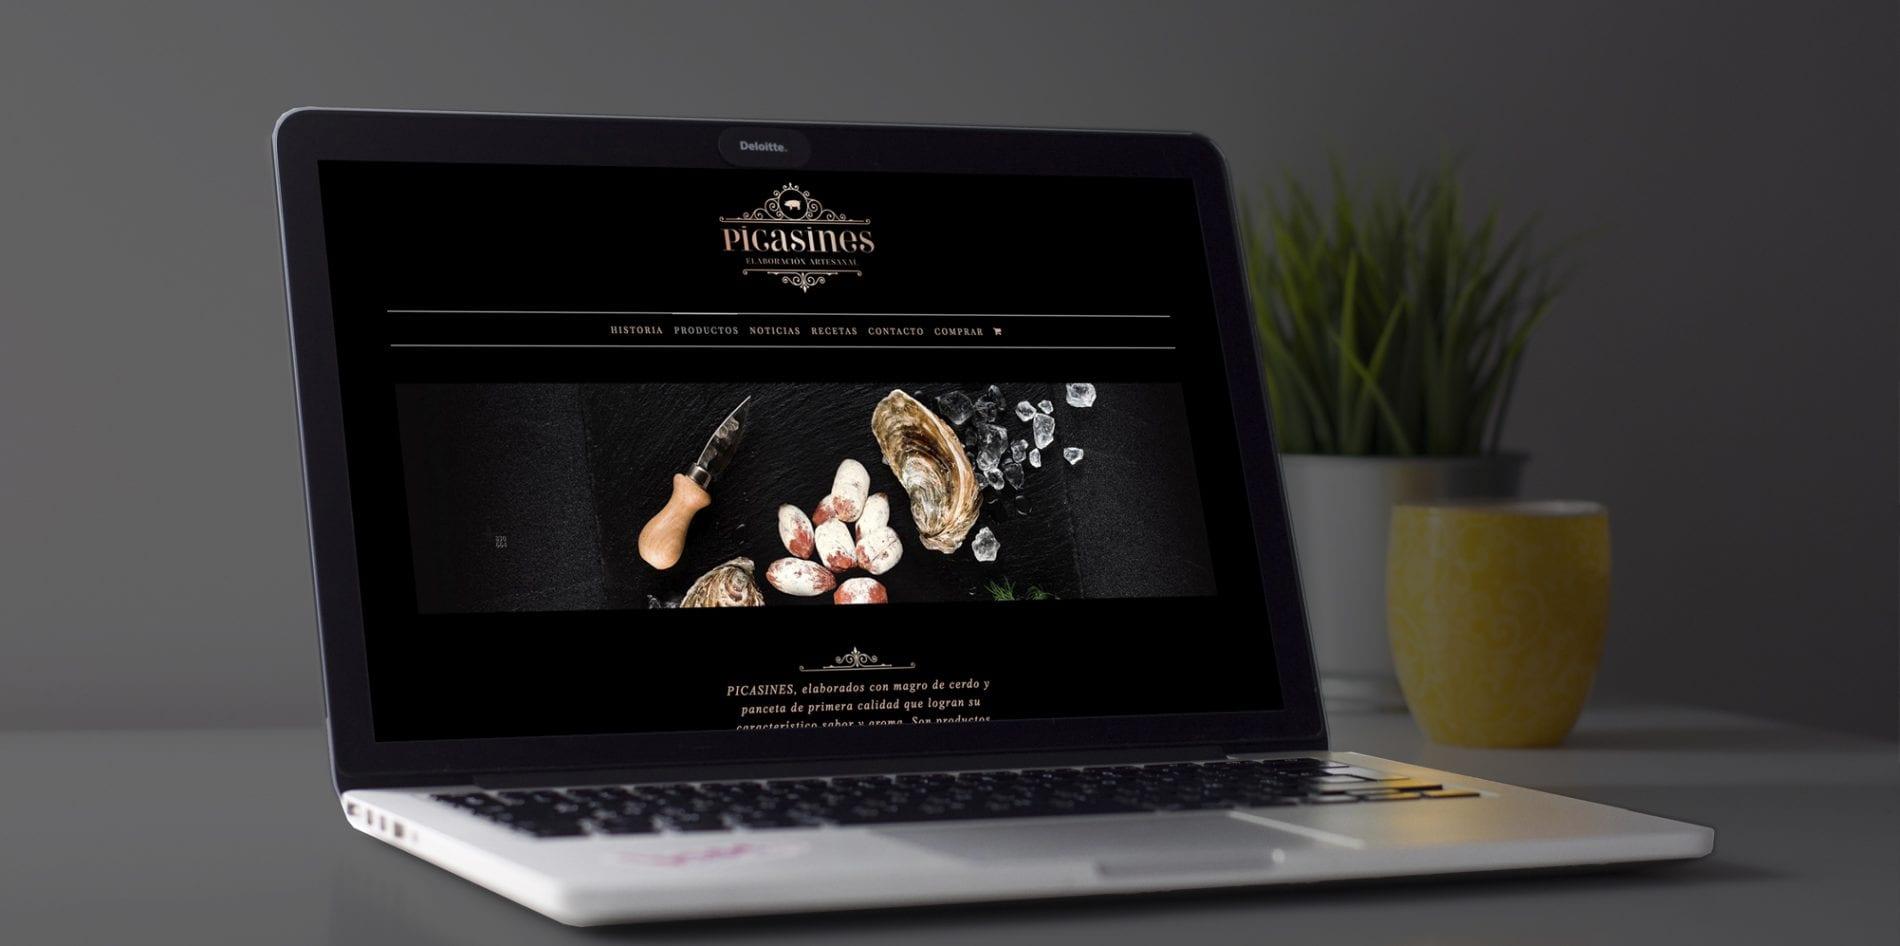 Picasines, tienda de venta online para empresa de embutidos en Pizarra